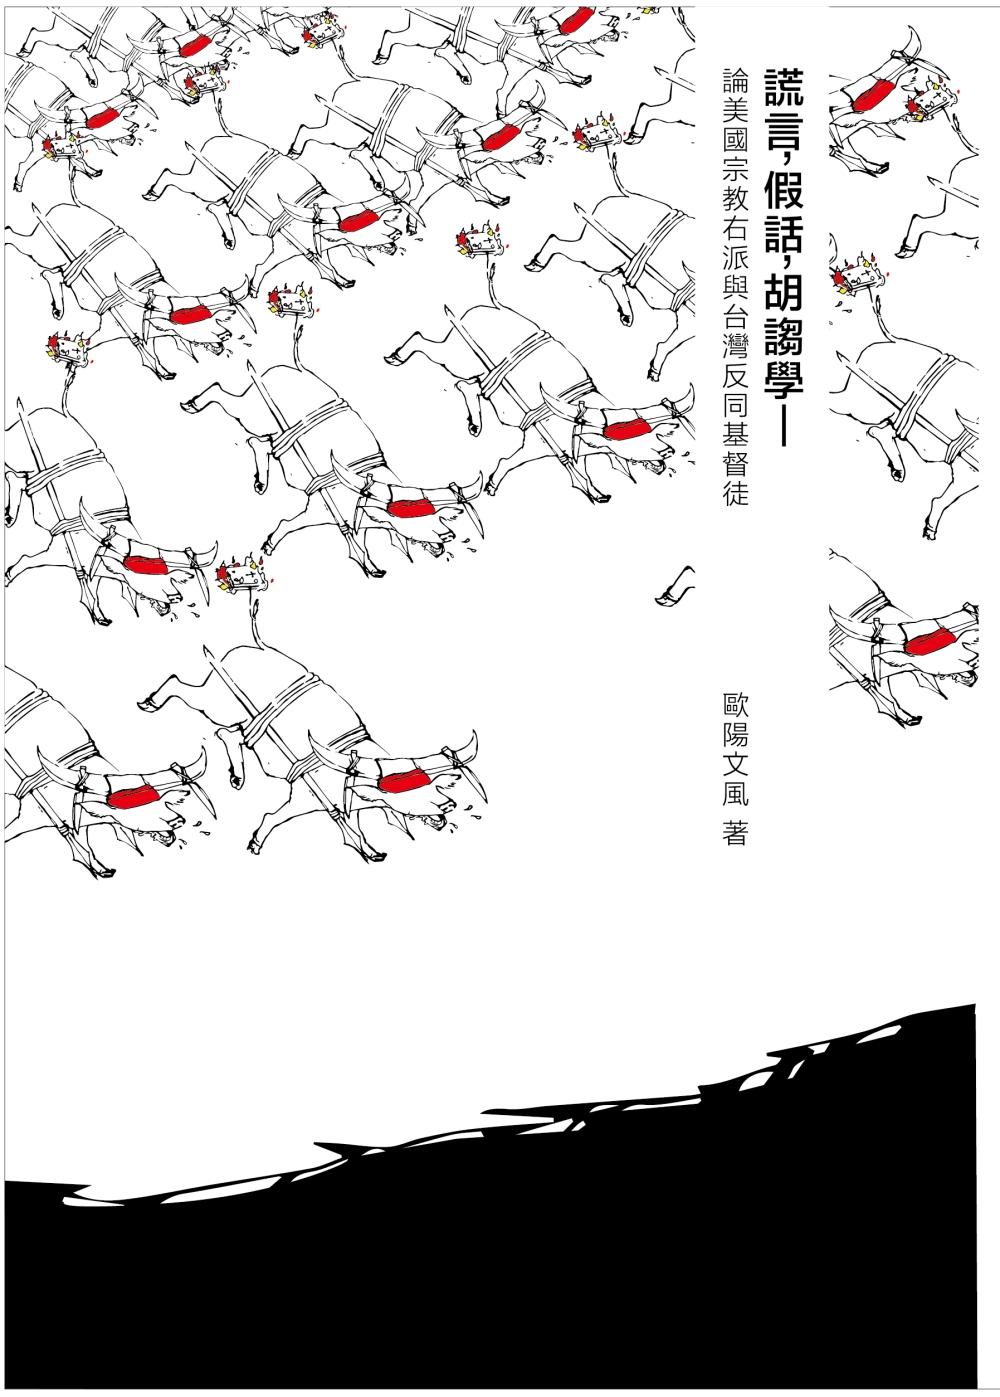 謊言,假話,胡謅學:論美國宗教右派與台灣反同基督徒